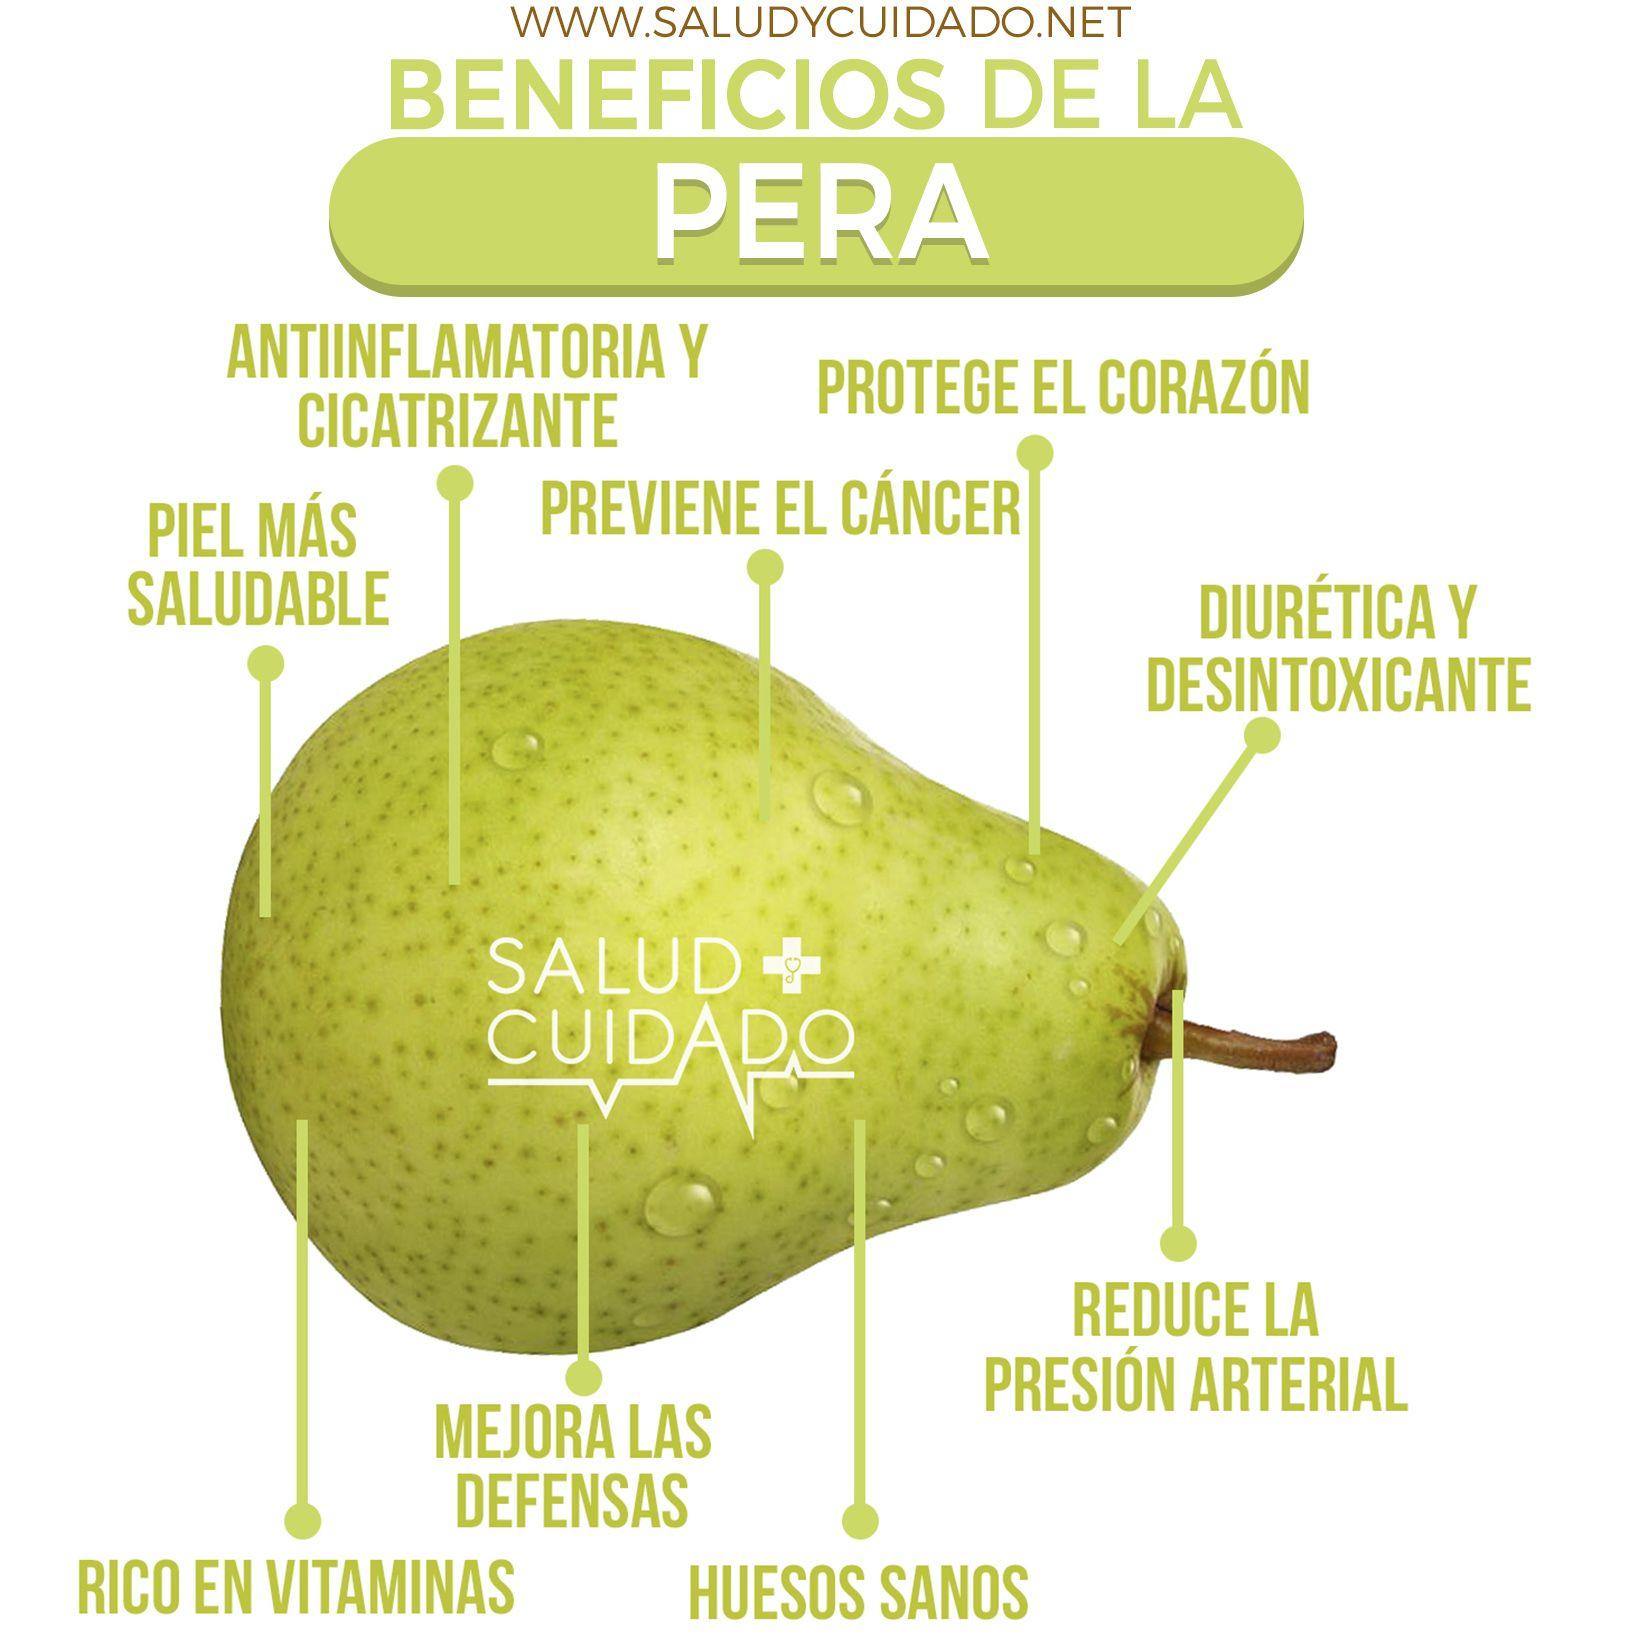 Pera Una Fruta Deliciosa Y Nutritiva Conócela Los Beneficios De La Pera Y Sus Propiedades Hacen Muy Atr Banana Benefits Health And Nutrition Apple Benefits